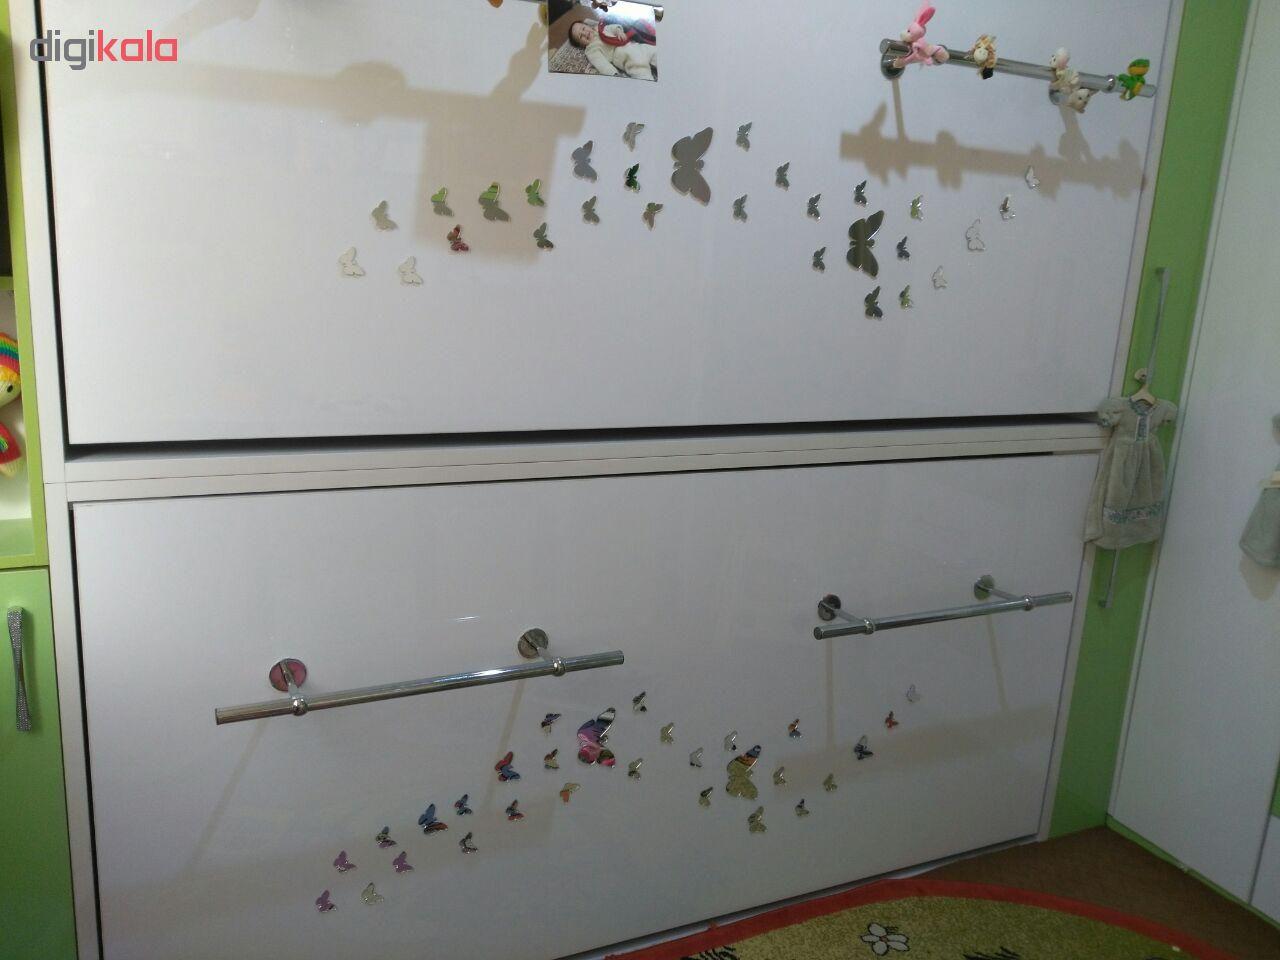 آینه پدیده شاپ مدل AM001